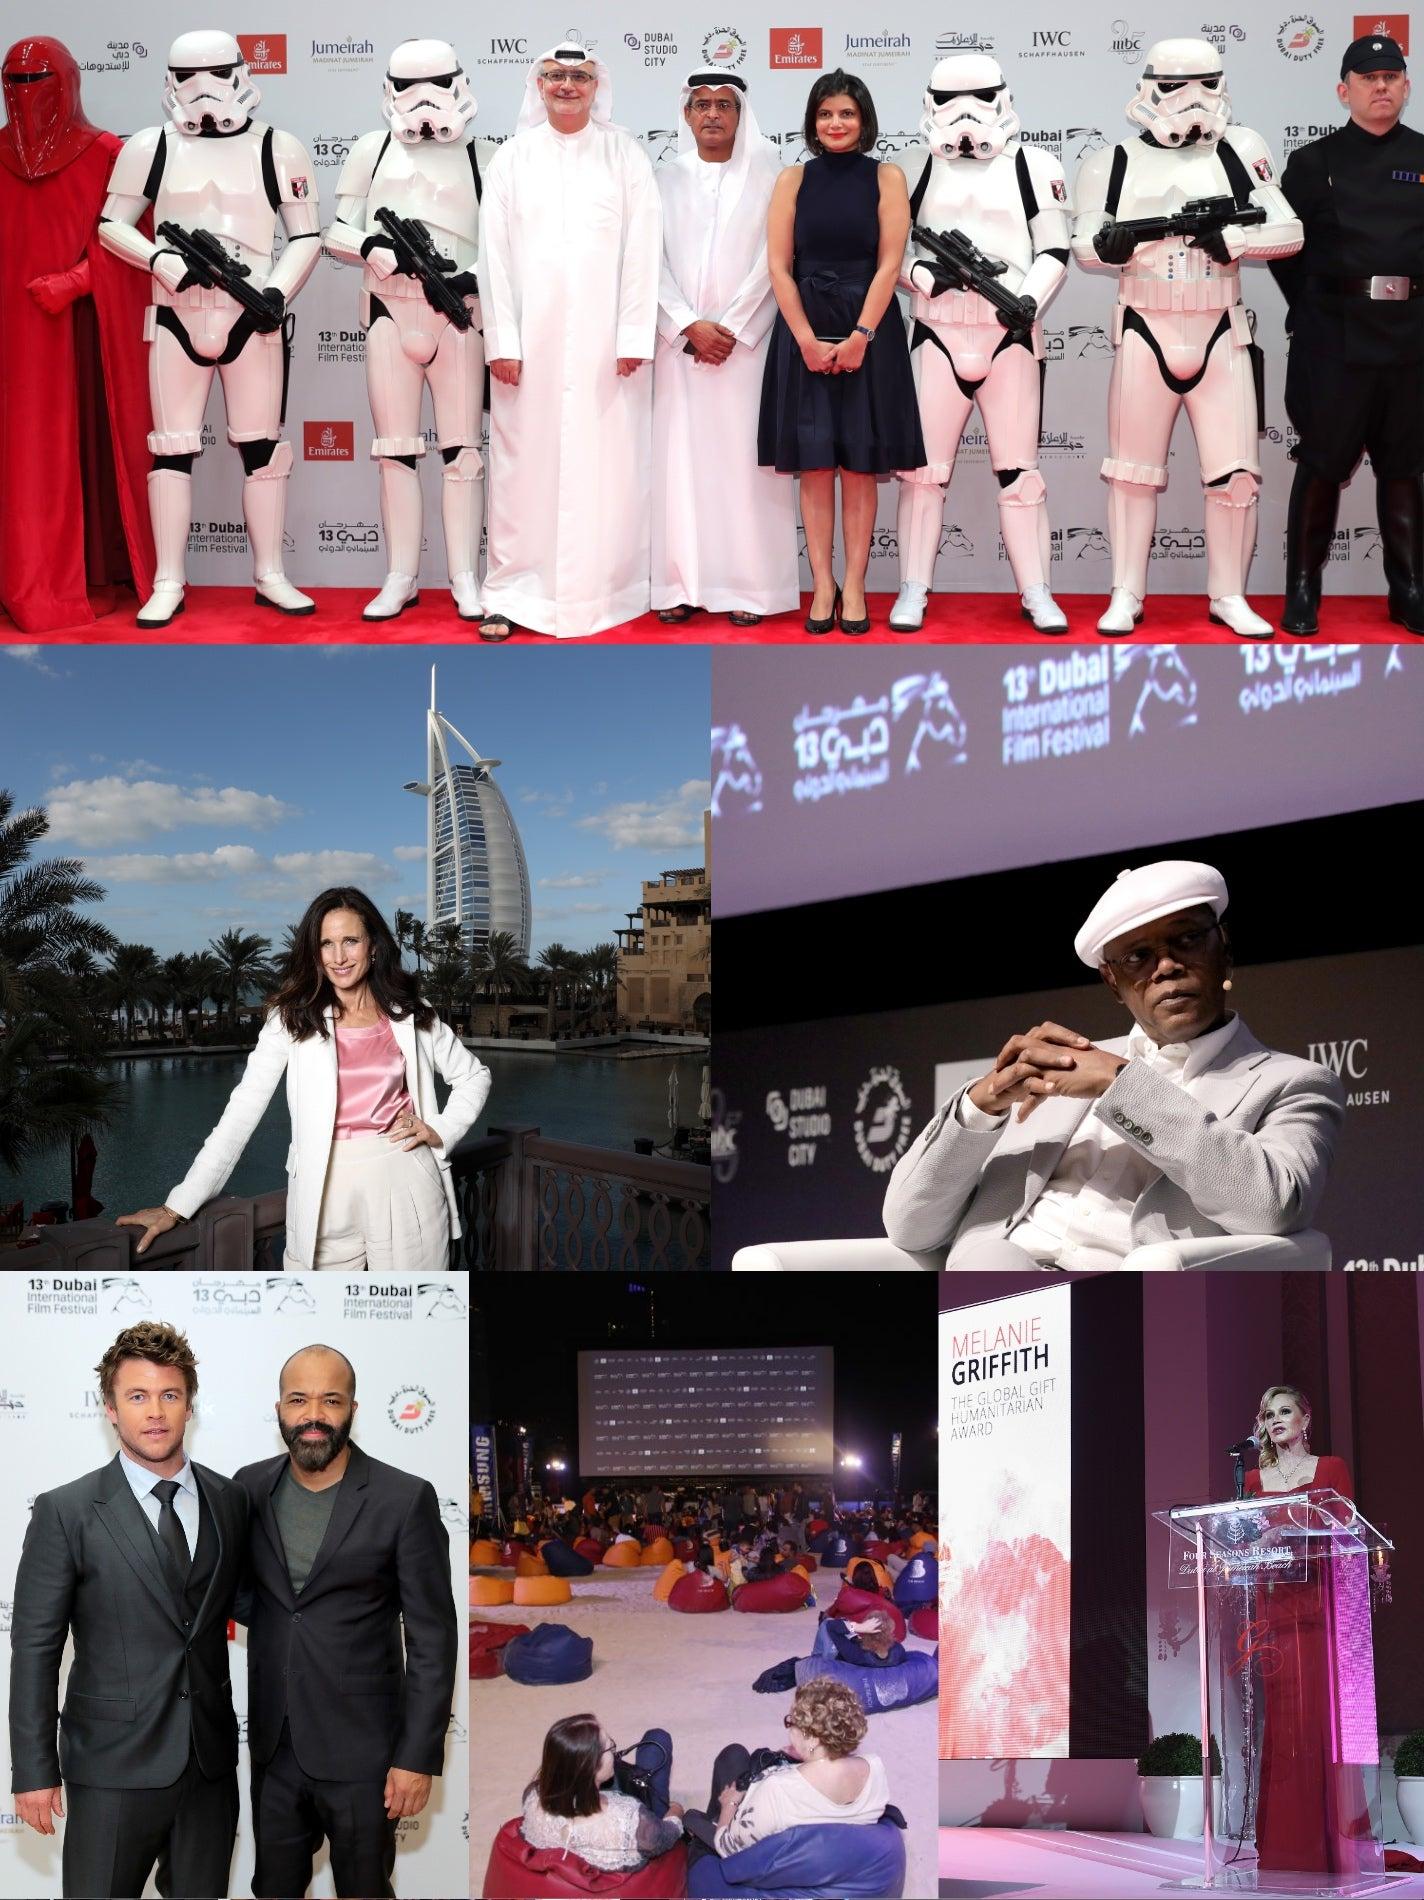 Scenes from the 2016 Dubai Film Festival